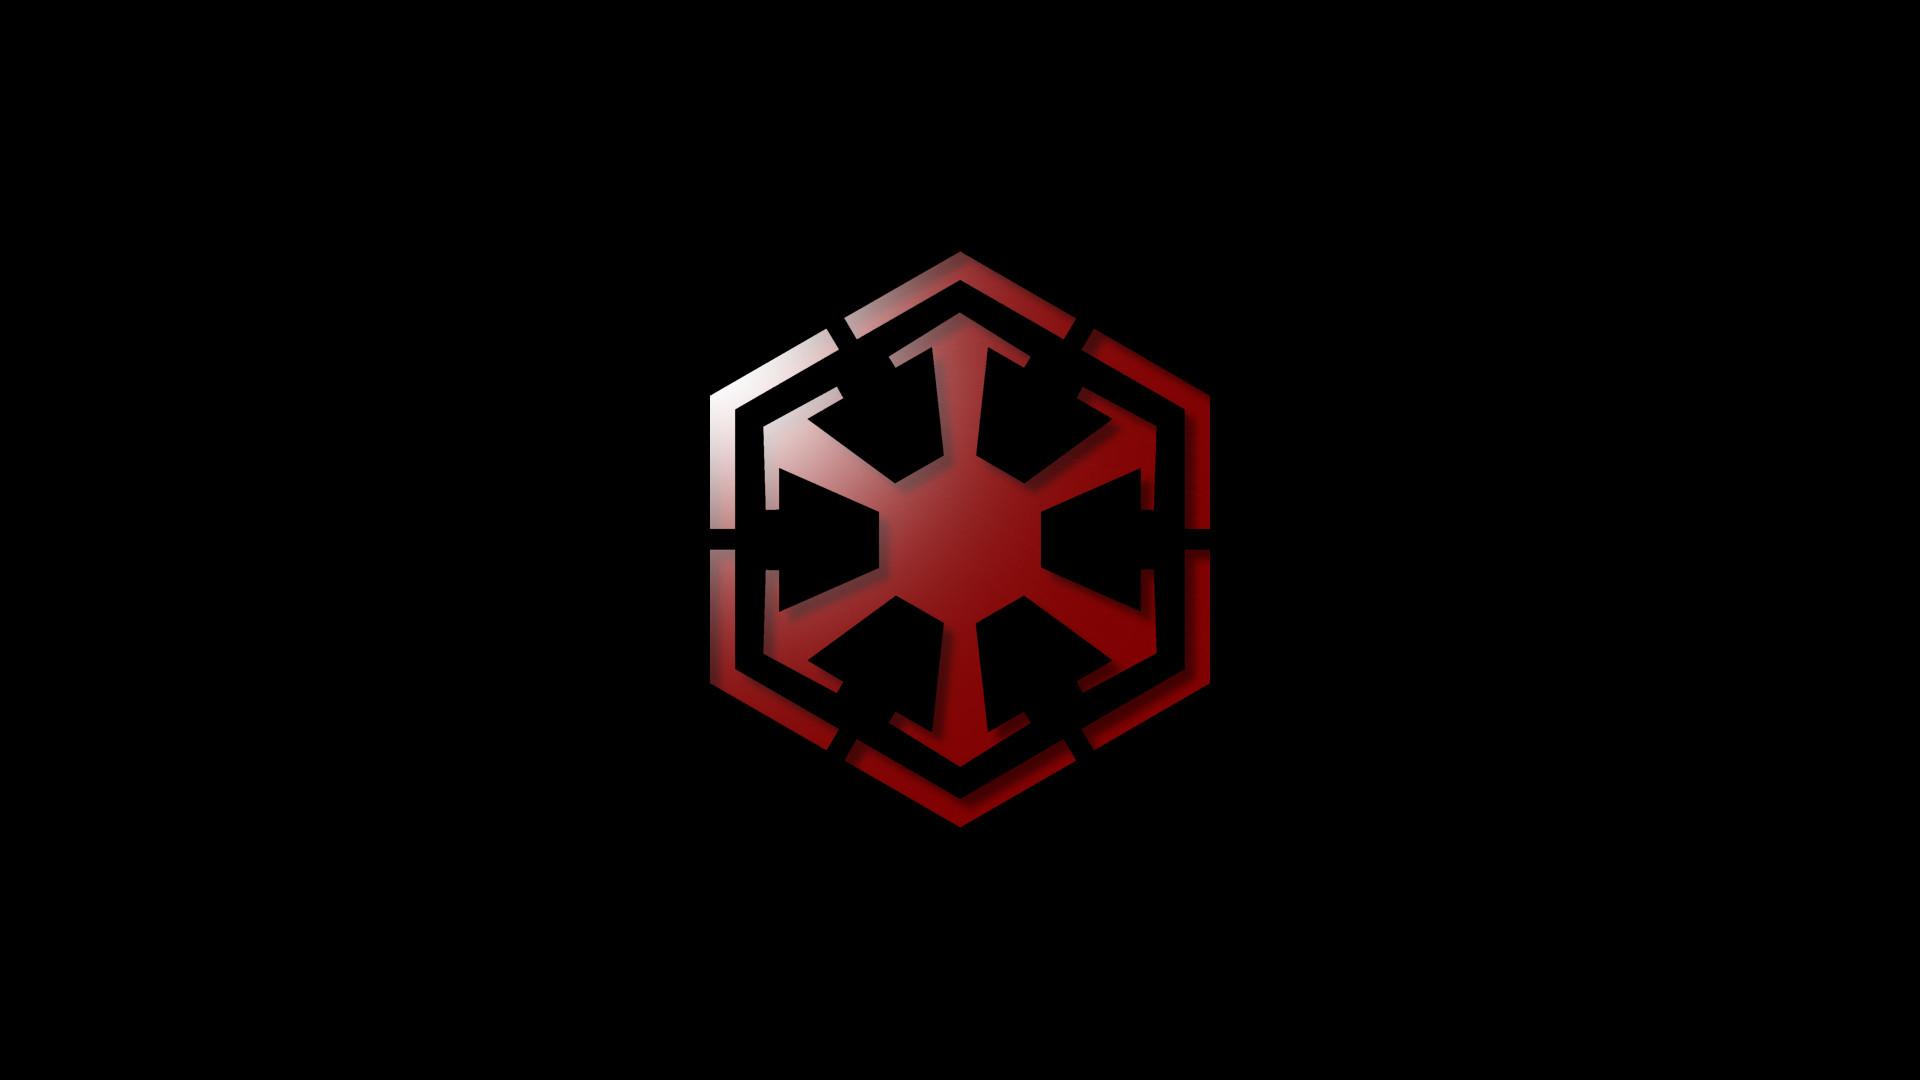 Sith Emblem Wallpaper